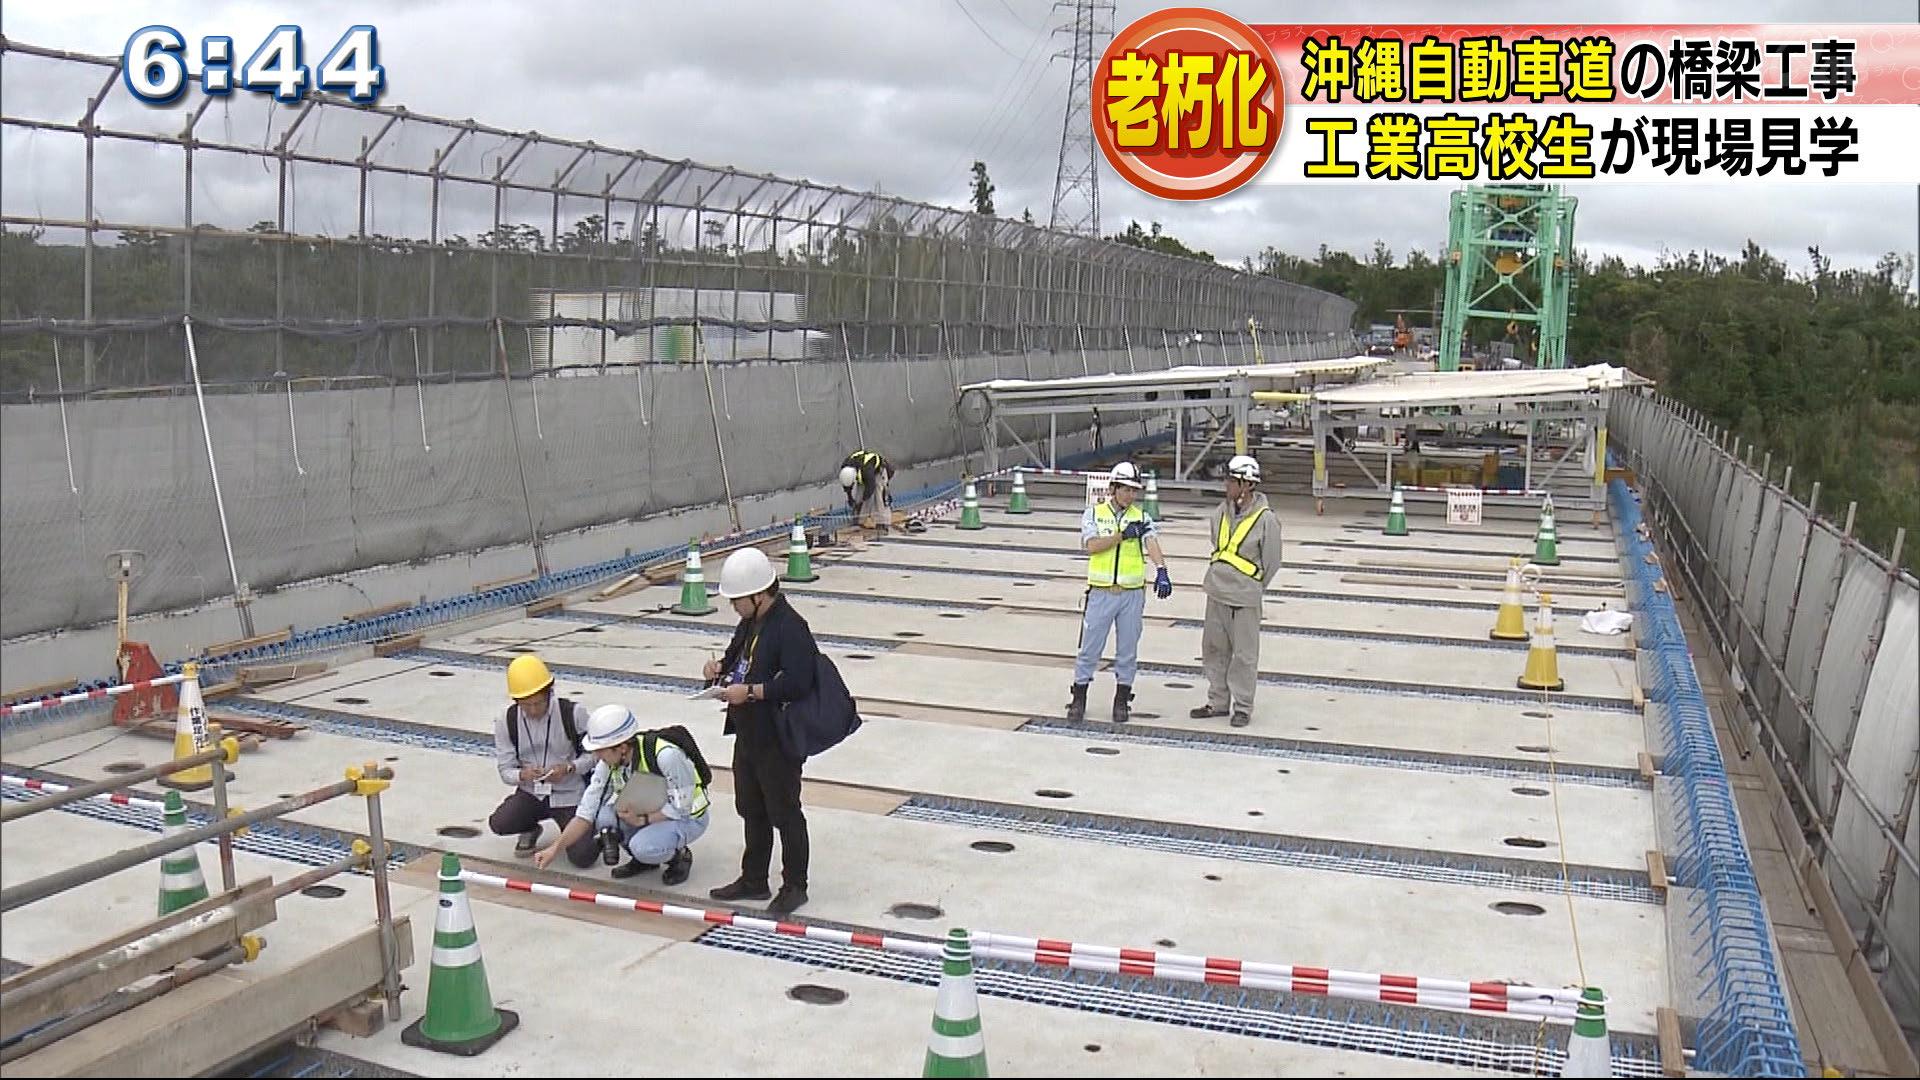 高速道路工事を高校生が見学